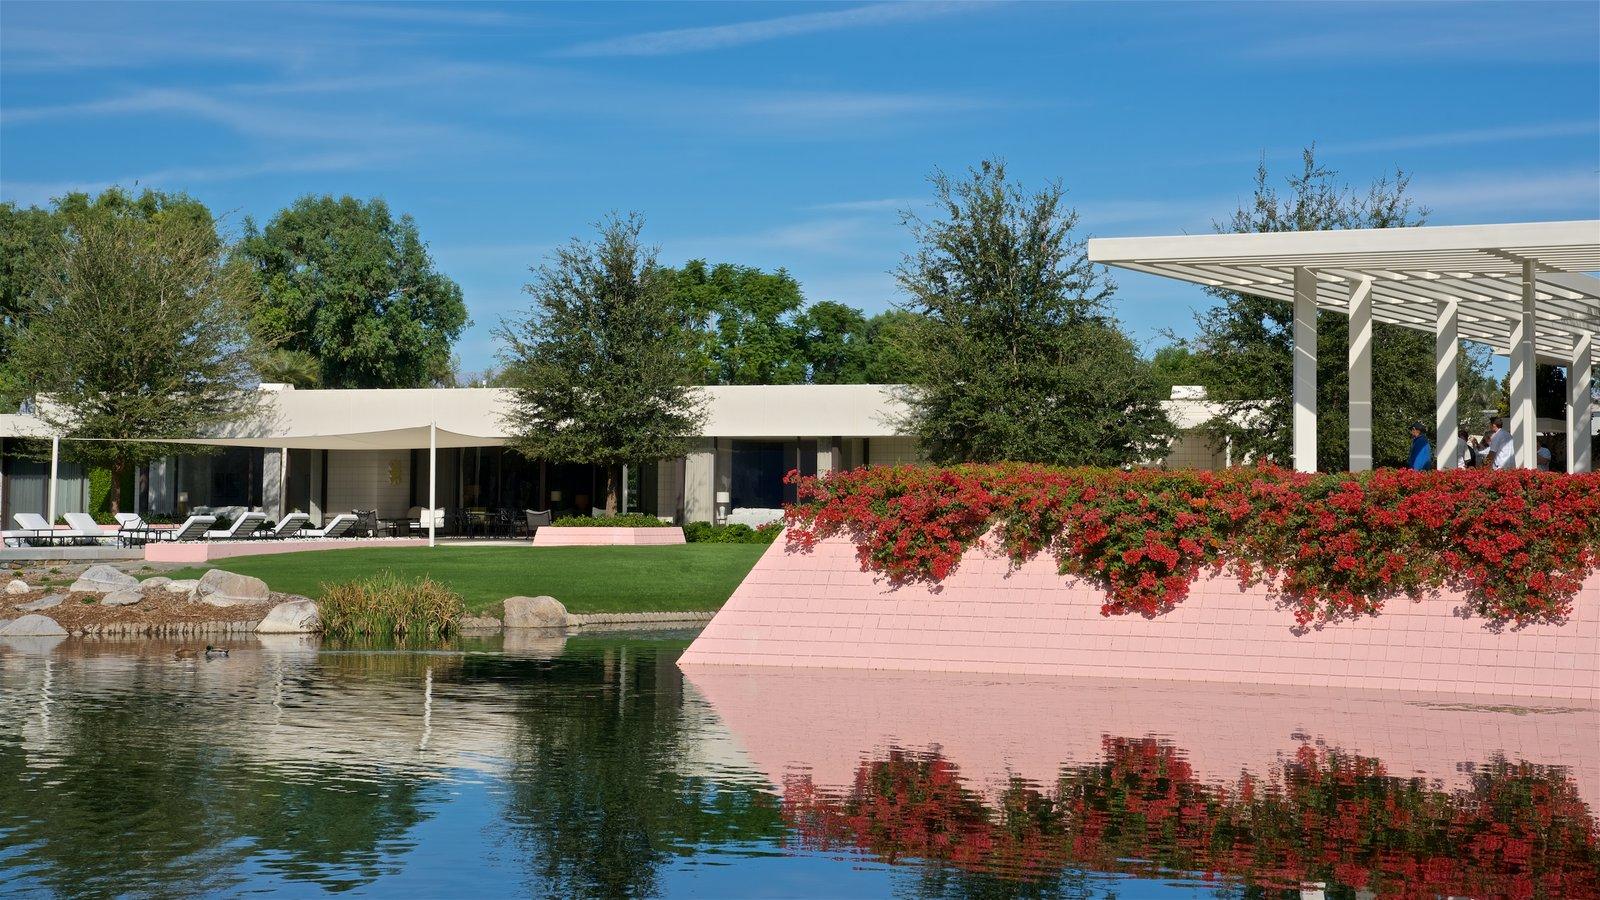 Centro Sunnylands y jardines que incluye un lago o abrevadero y flores silvestres